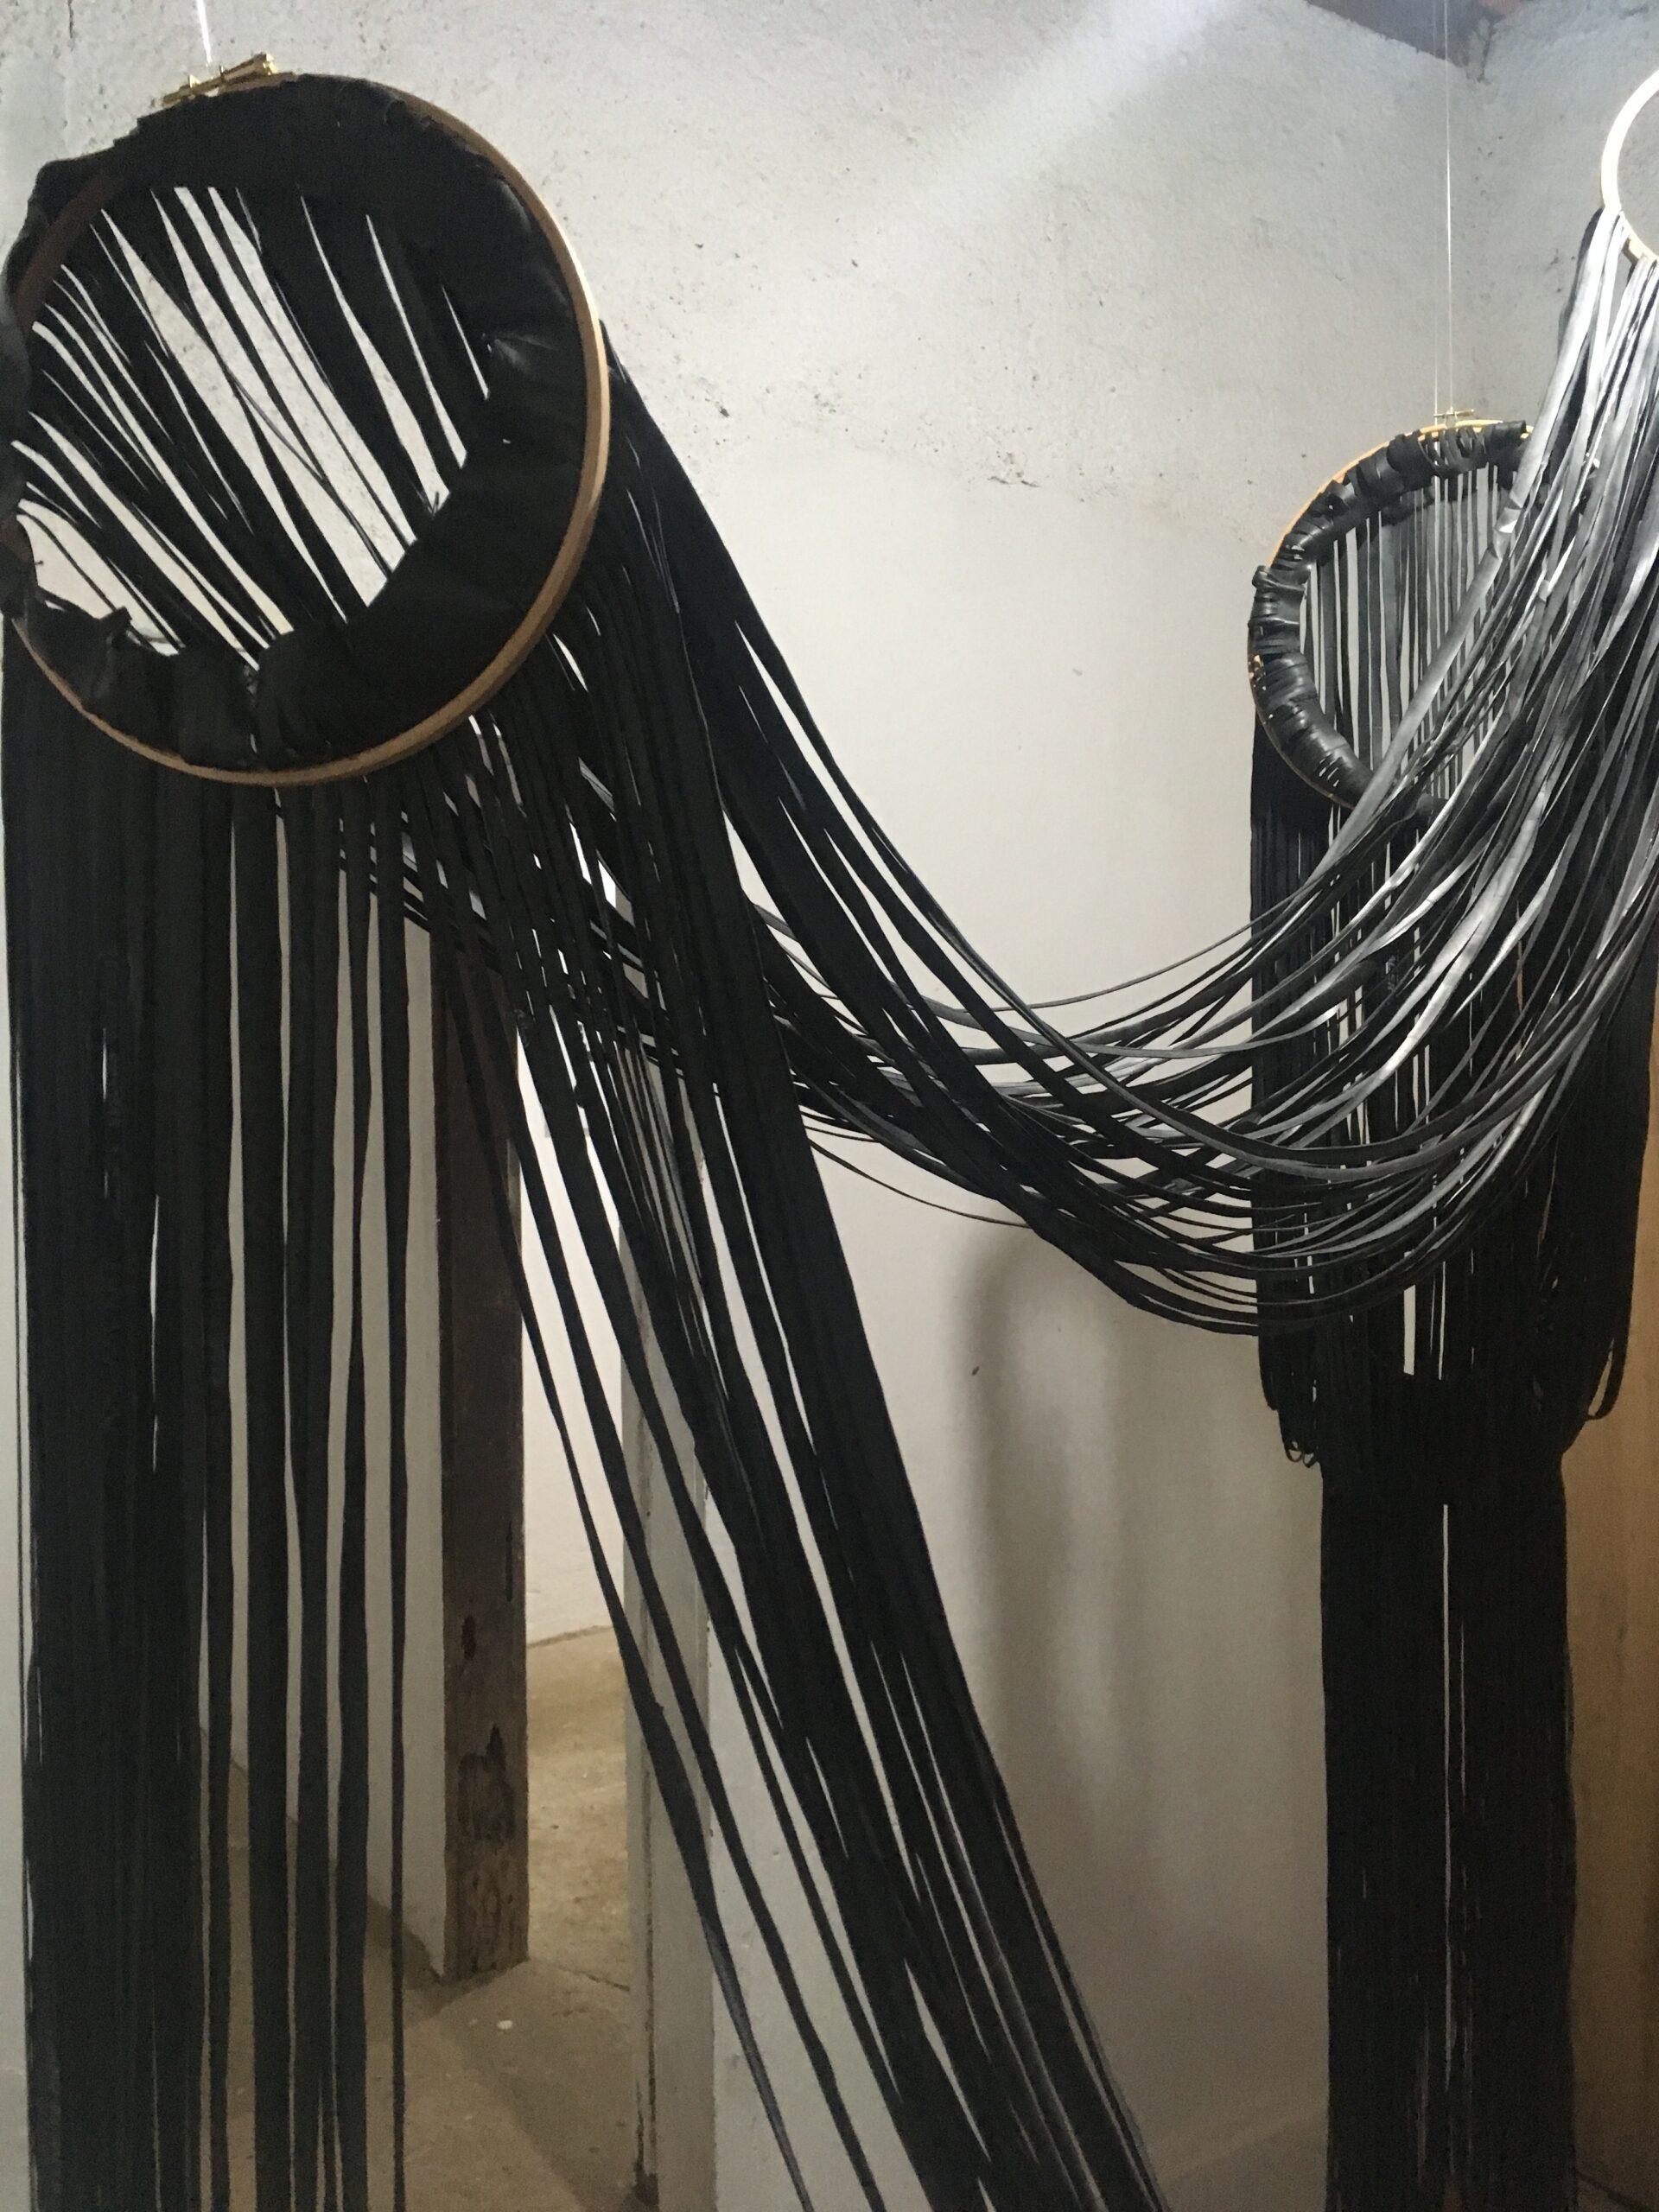 Strings detail, 2019